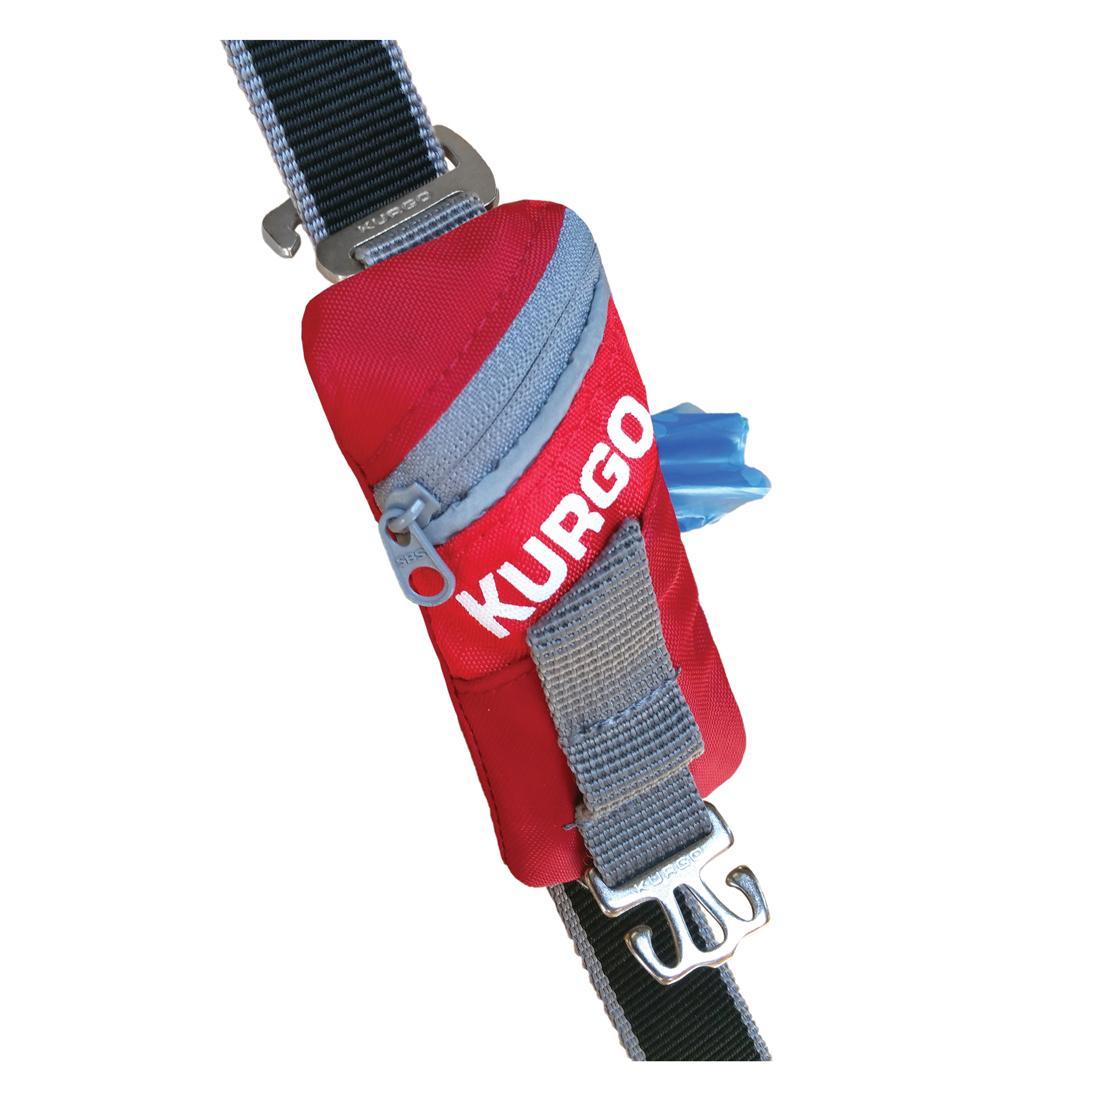 Kurgo Duty Bag Dog Dispenser For Leashes